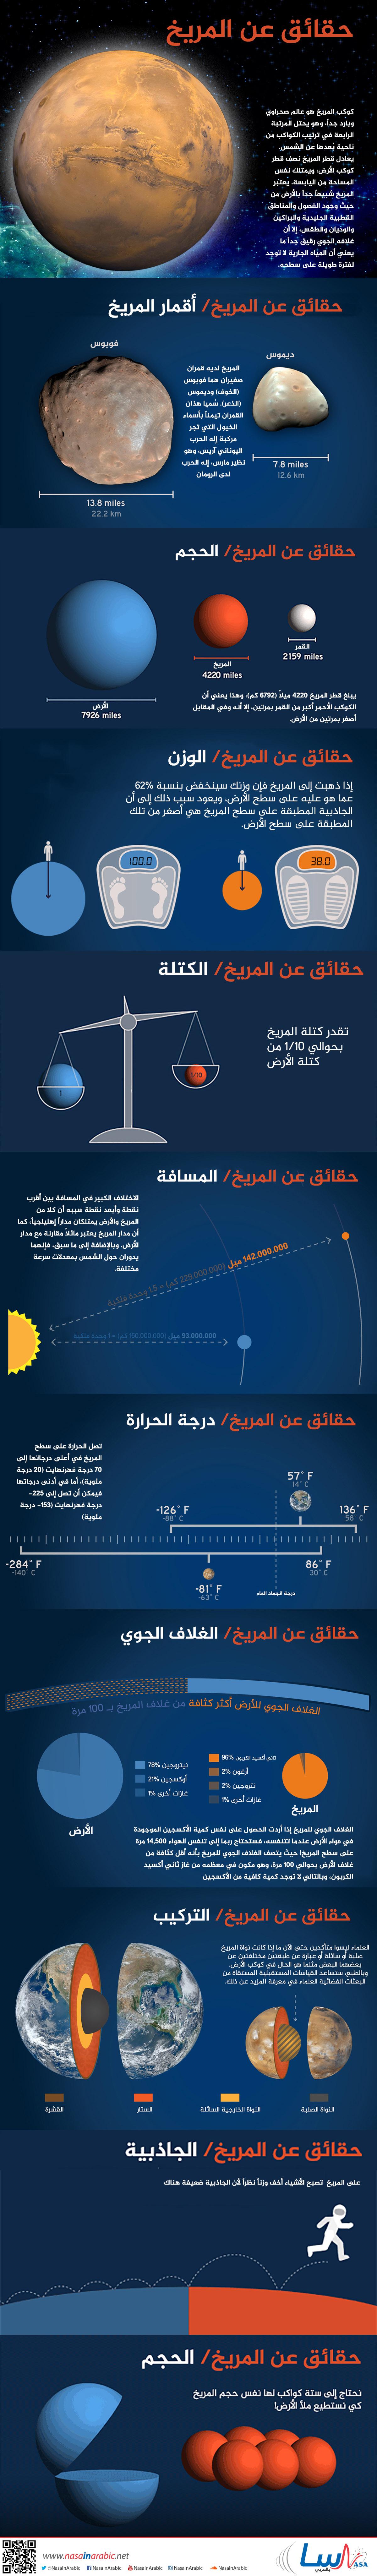 حقائق مسلية عن المريخ!